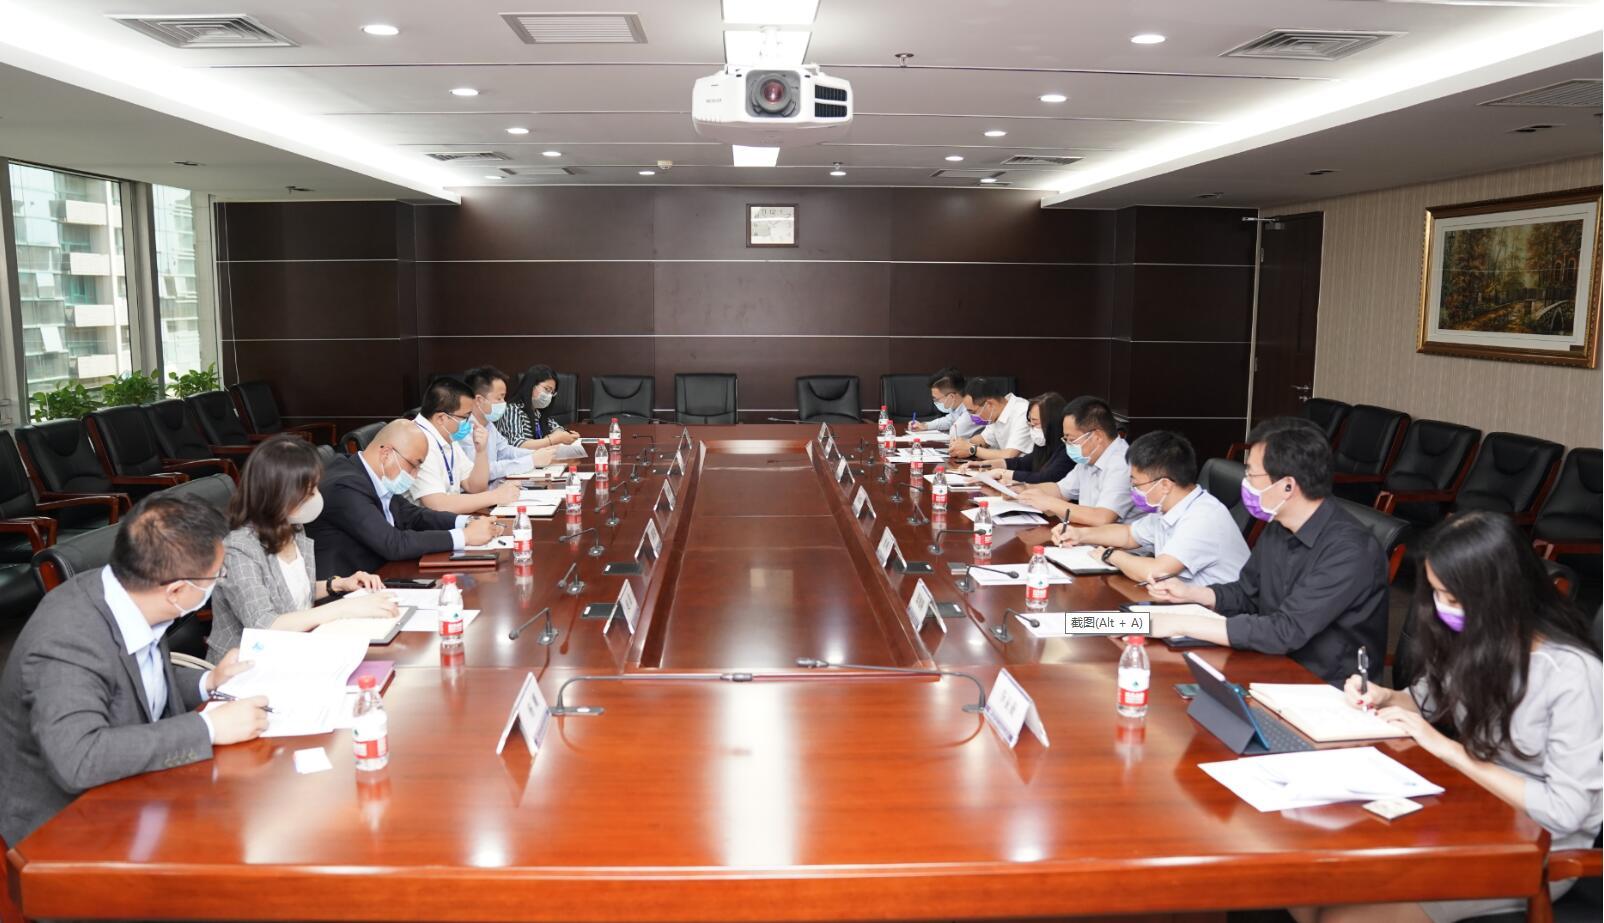 中国葛洲坝集团国际工程有限公司副总经理胡鹏一行到访商会